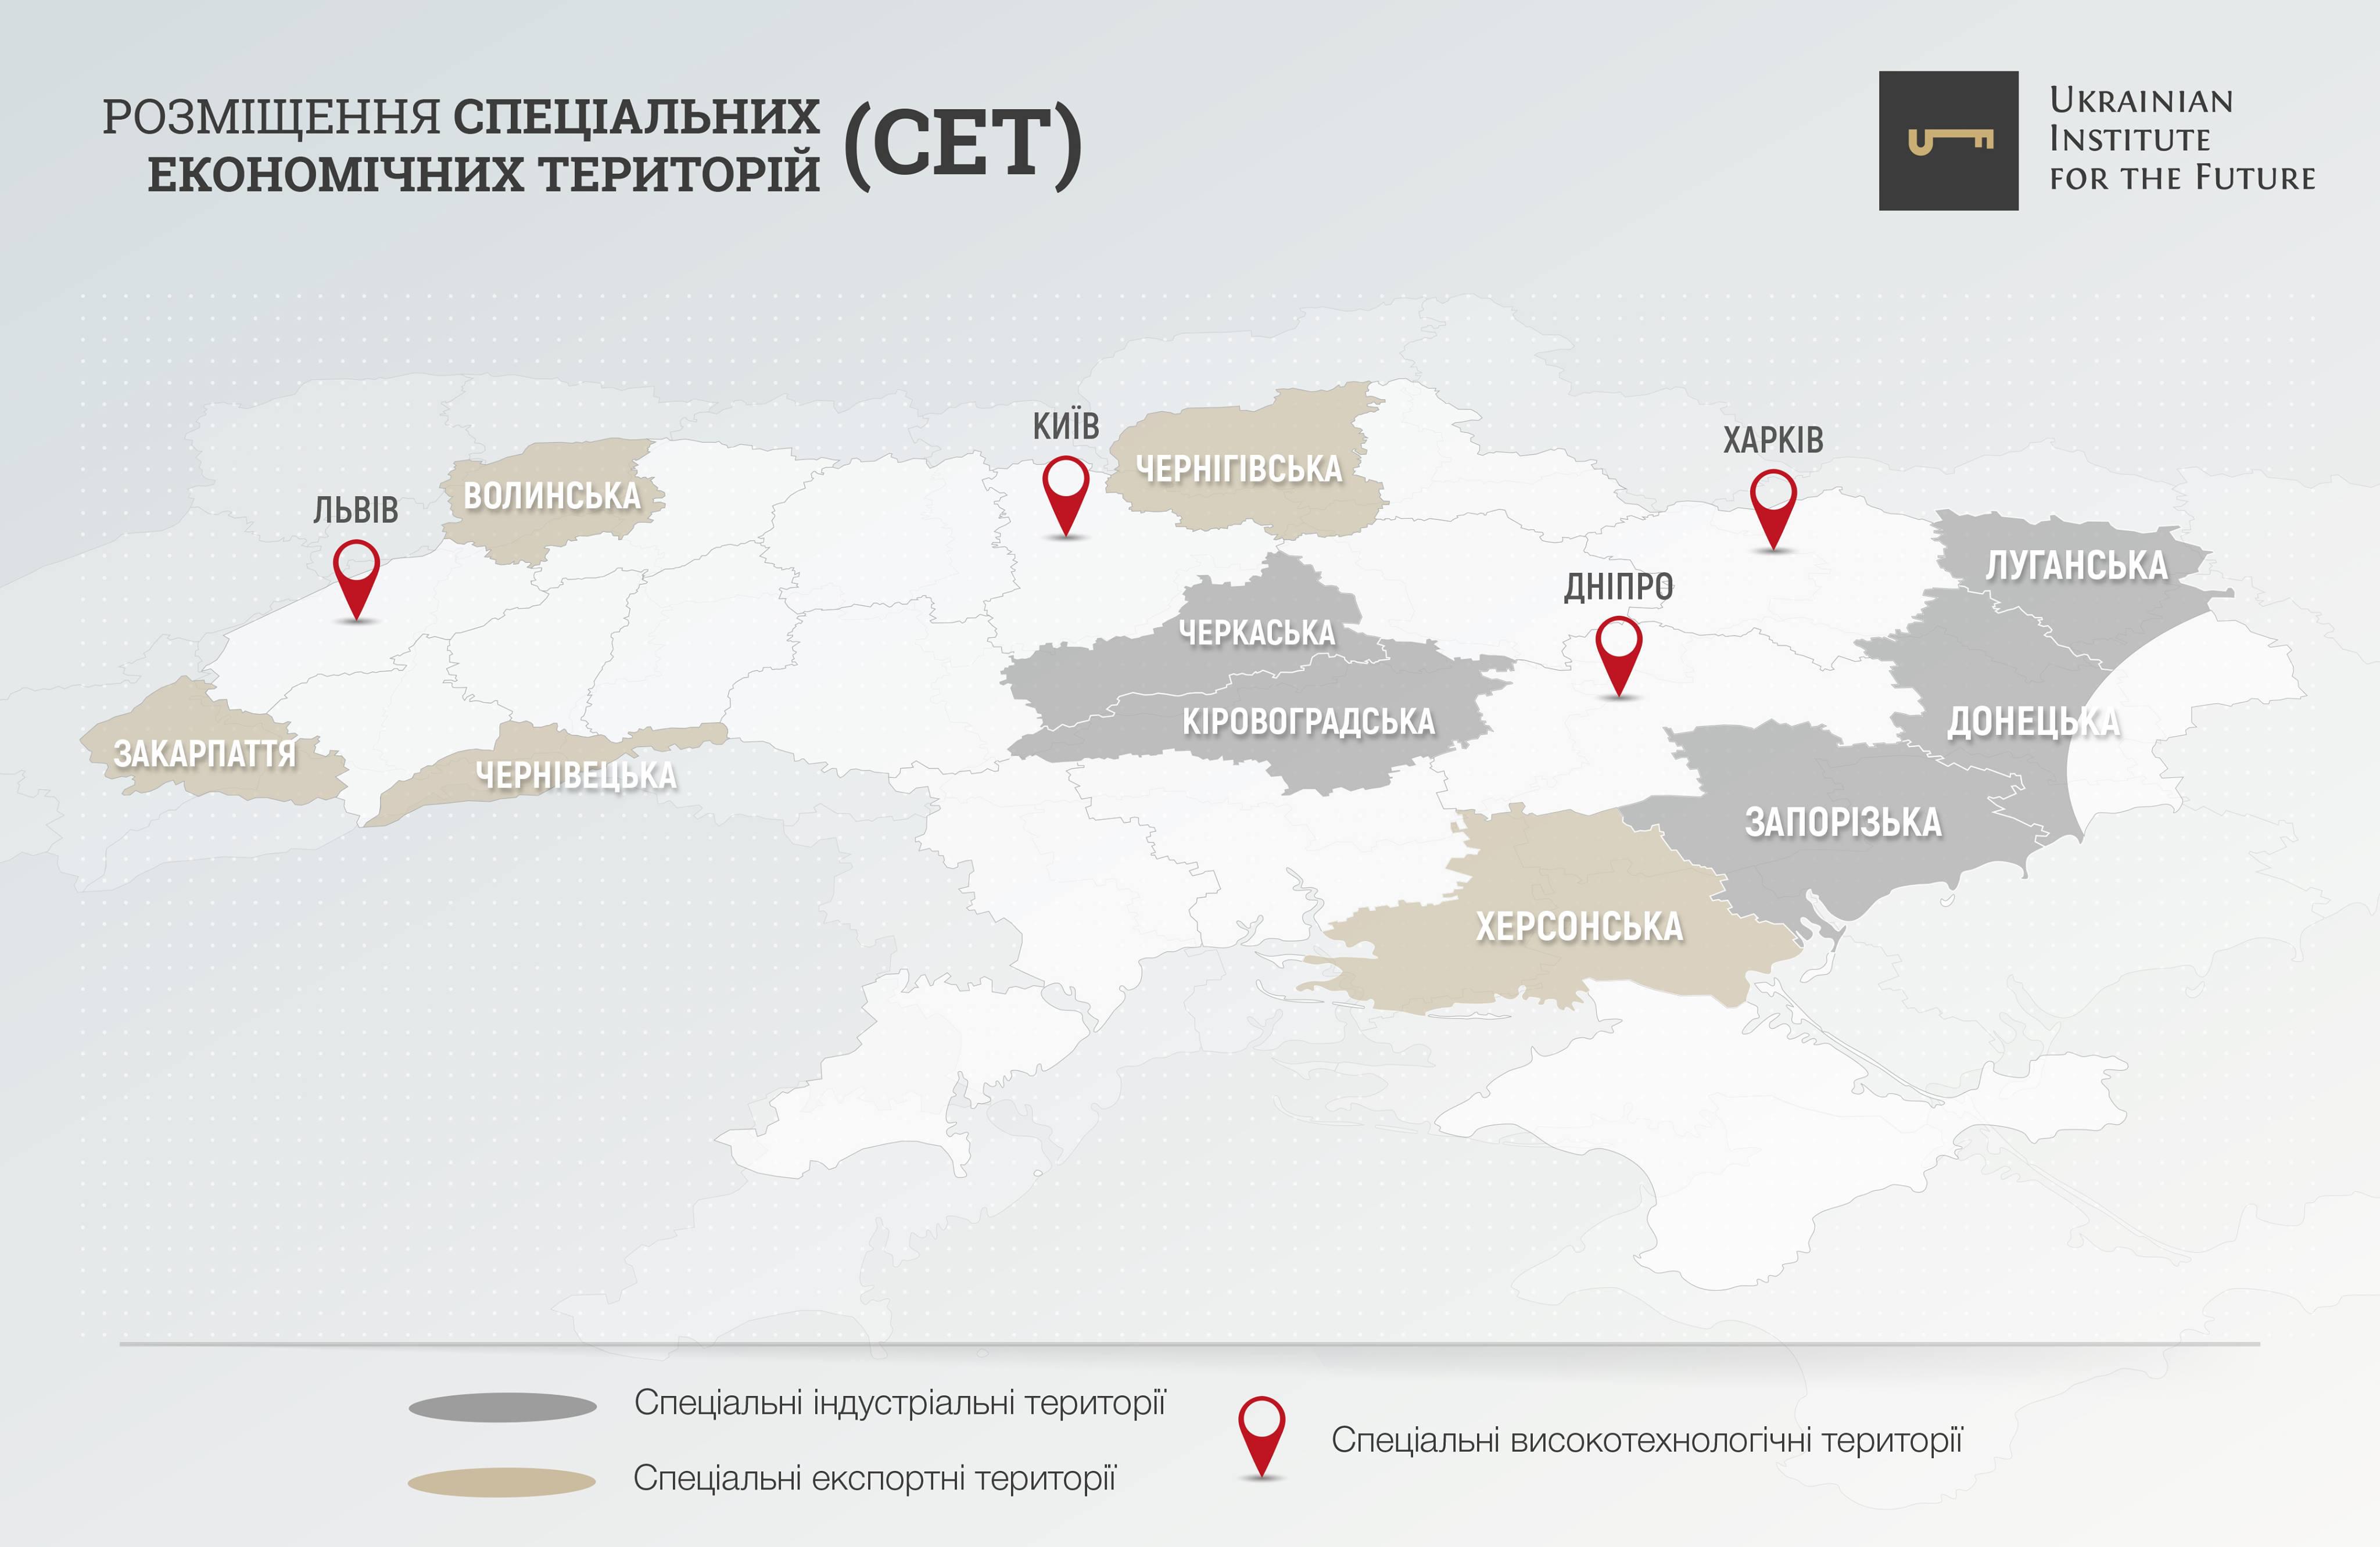 Новые специальные экономические территории — рецепт экономического взрыва в Украине